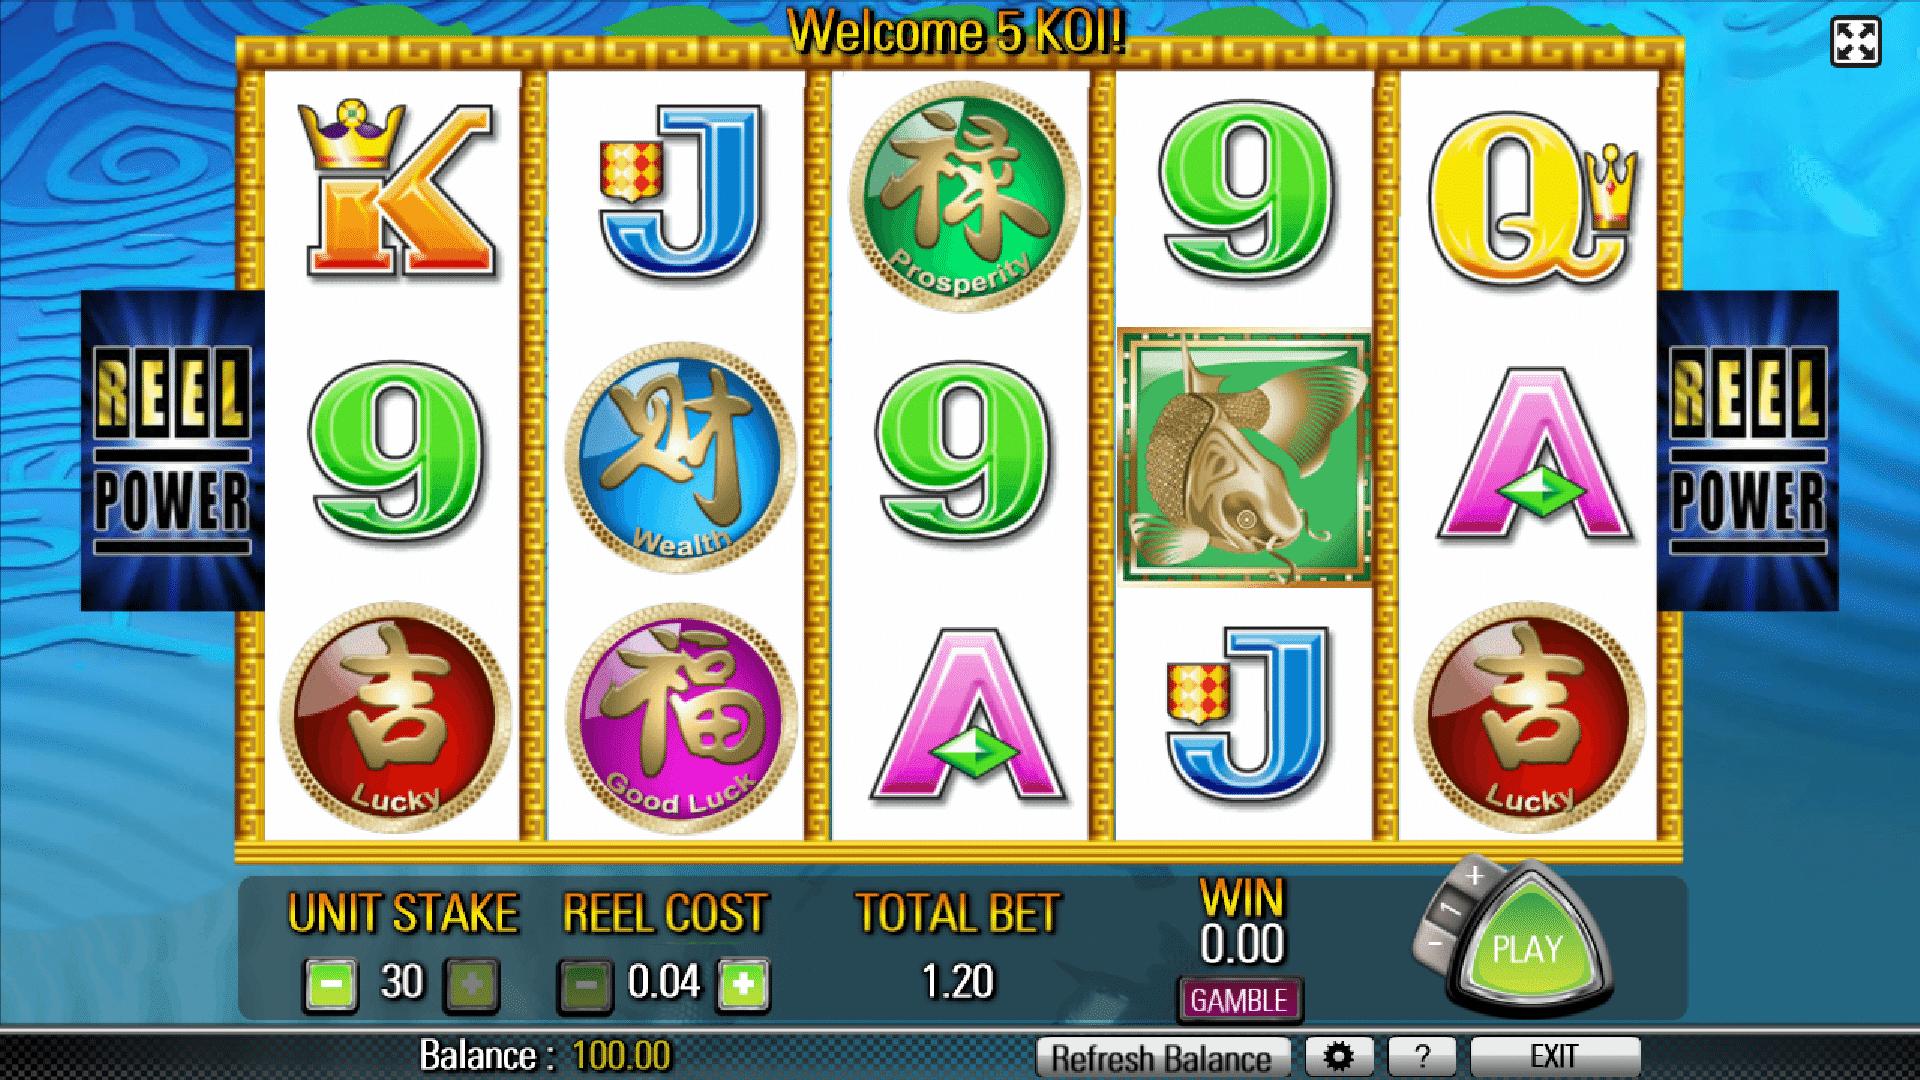 Slot 5 Koi